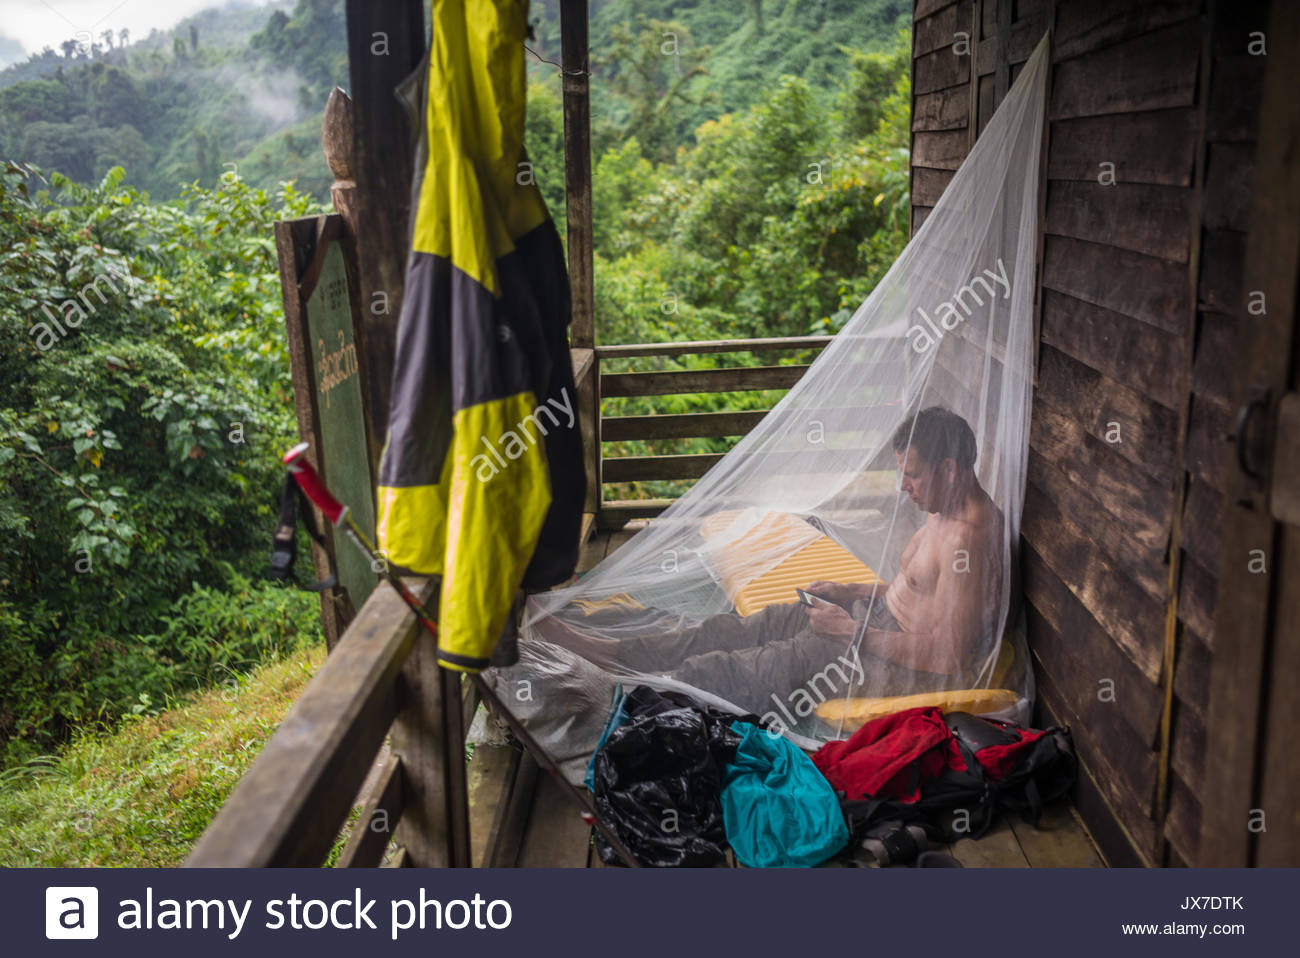 Un miembro de la expedición se encuentra fuera, cubierta con un mosquitero, mientras que él utiliza su teléfono. Imagen De Stock